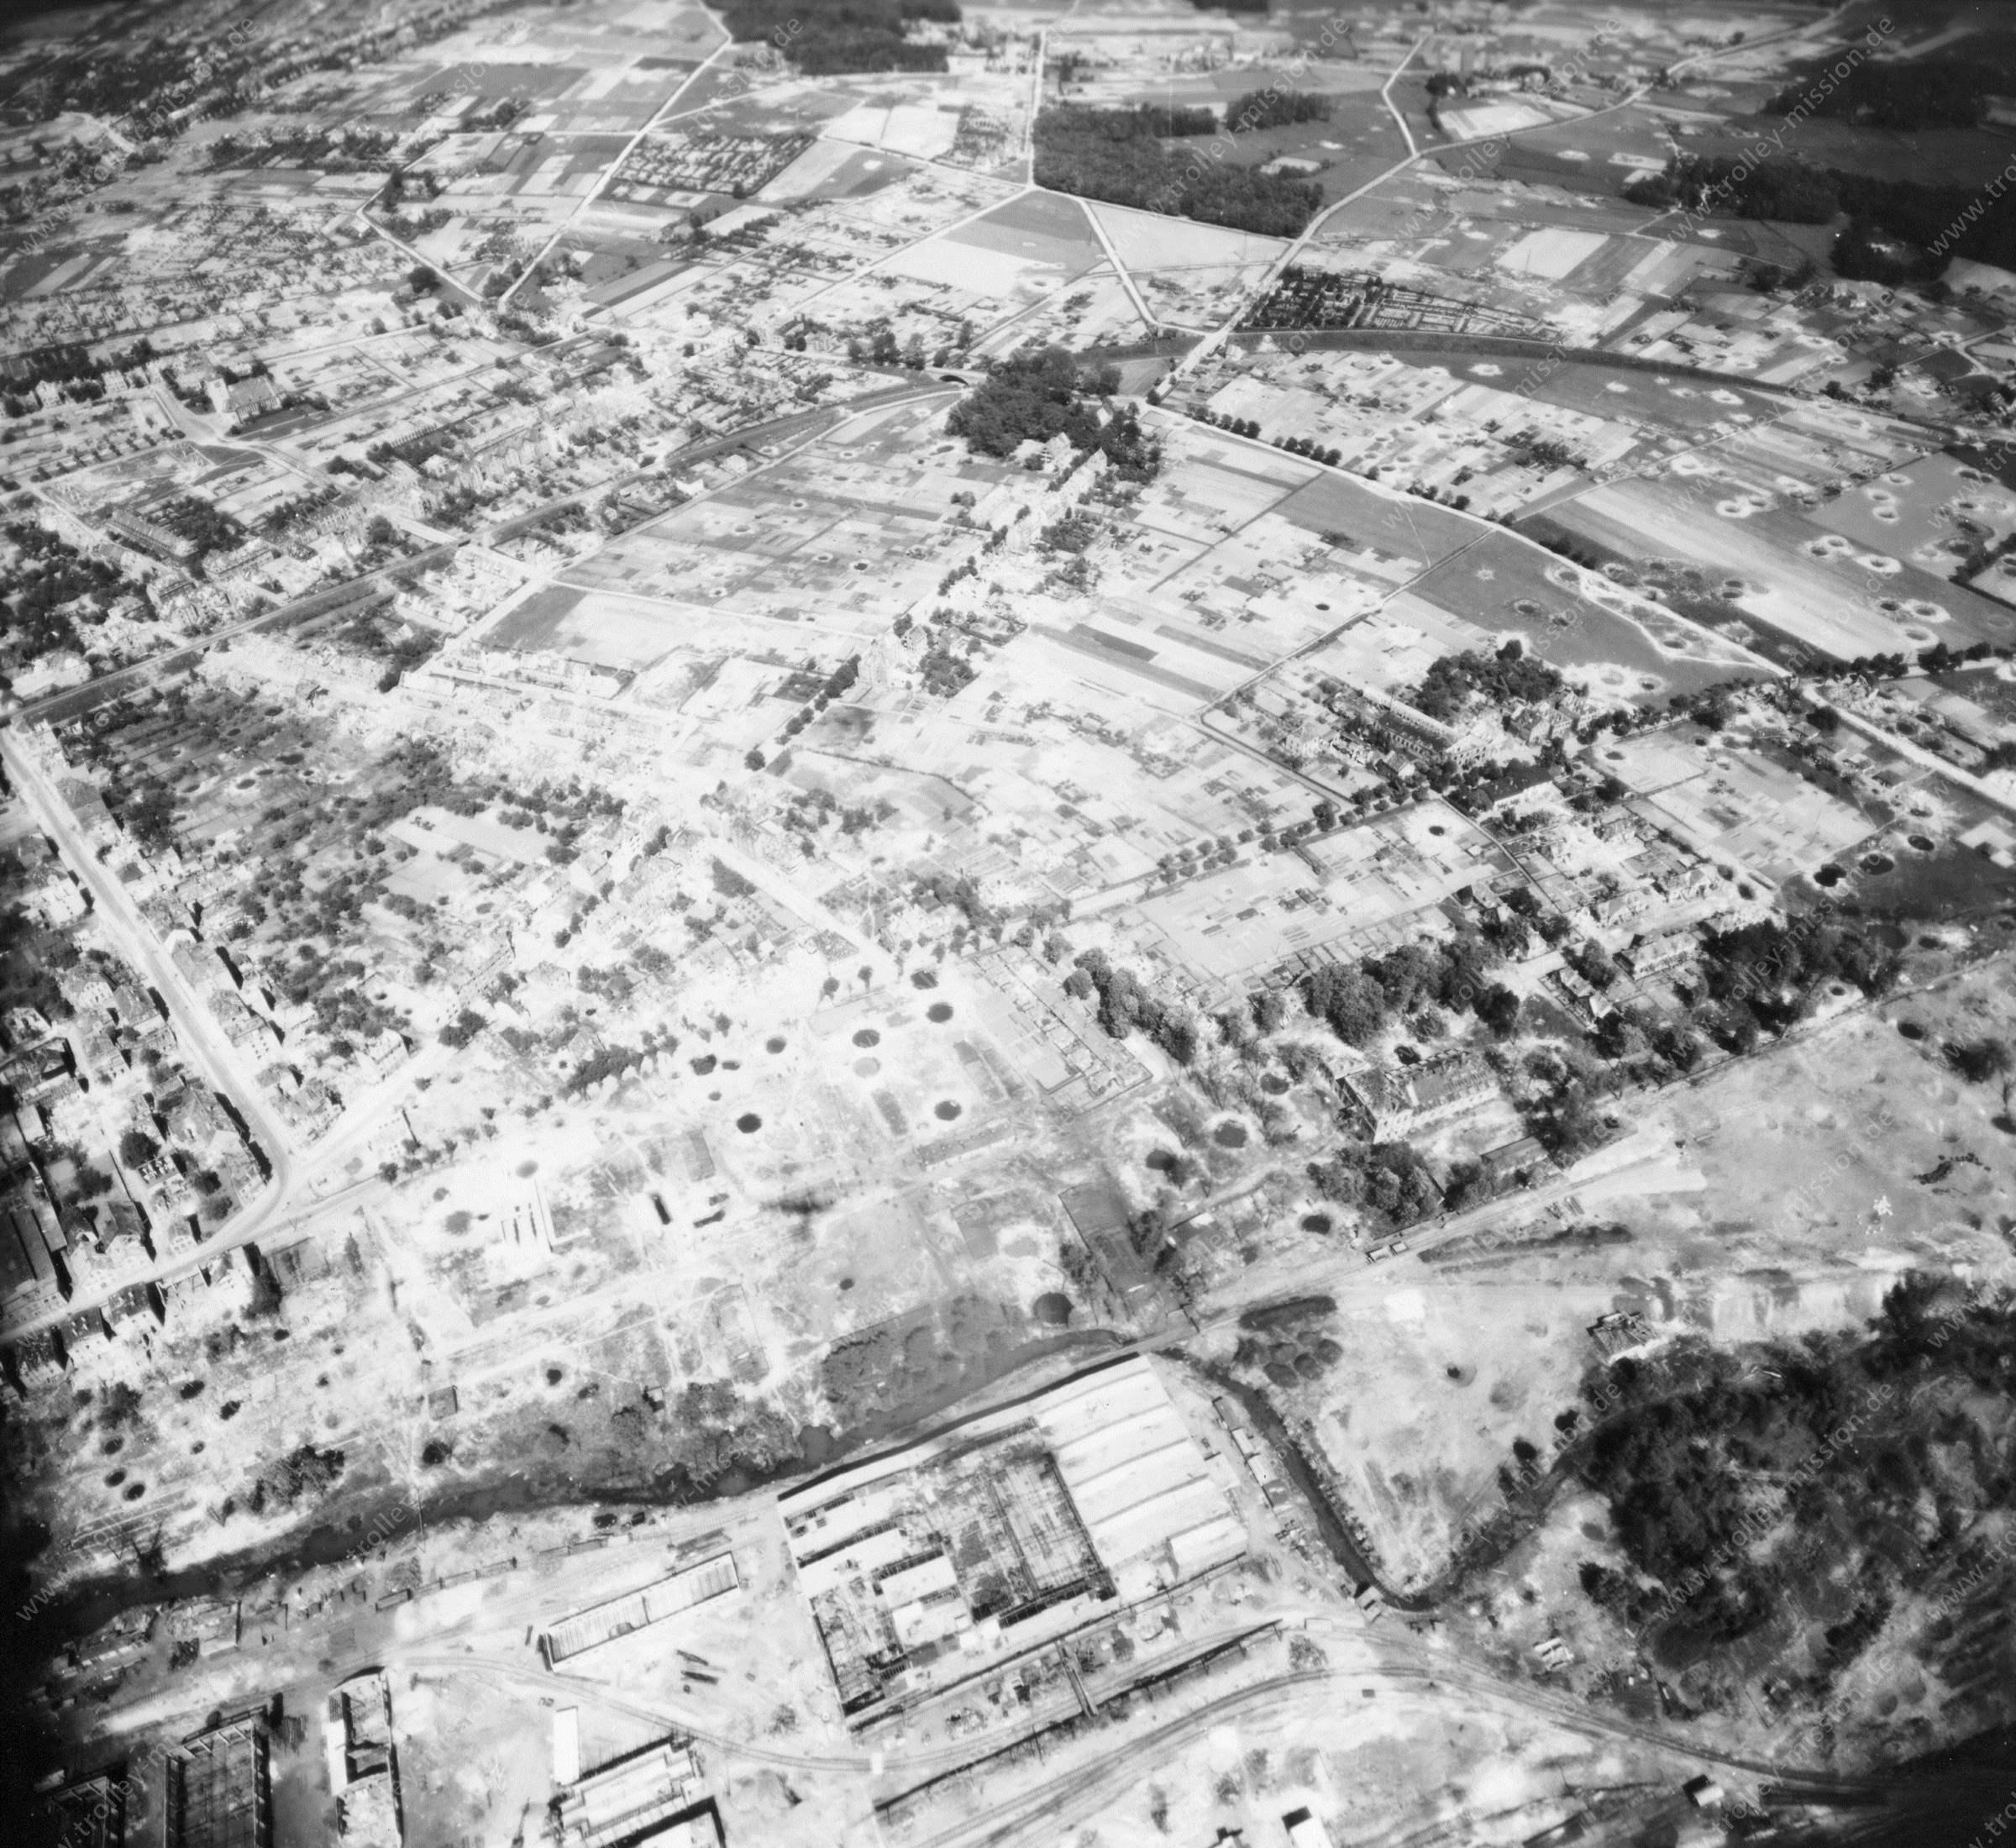 Luftbild von Osnabrück am 12. Mai 1945 - Luftbildserie 9/9 der US Air Force